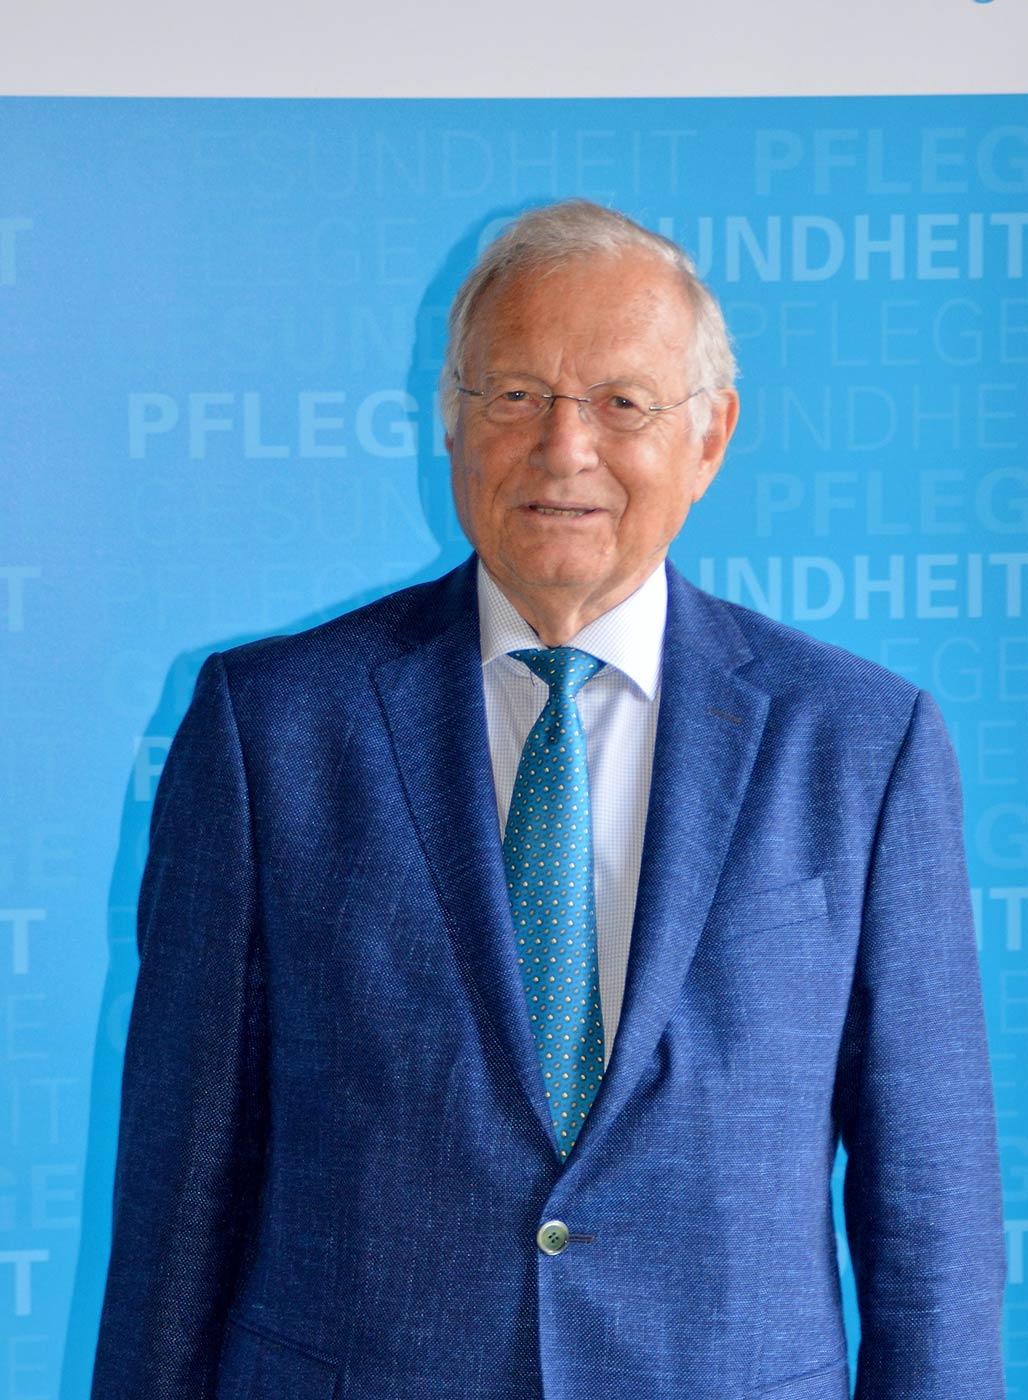 Dr. Josef Pettinger, Mitglied der Bayerischen Ethikkommission für Präimplantationsdiagnostik